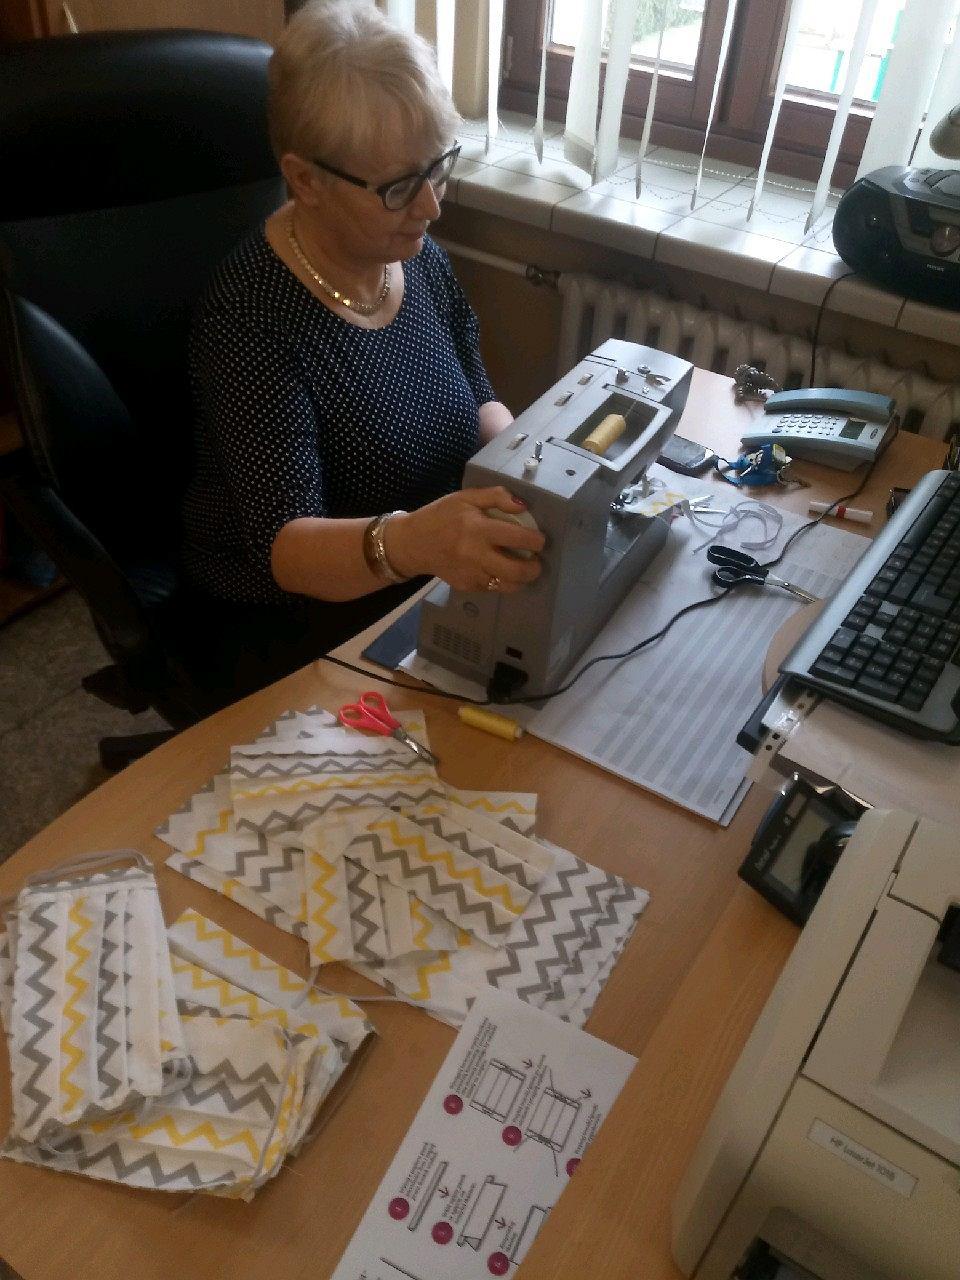 Dom kultury w Lędzinach zainicjował szycie maseczek w związku z epidemią koronawirusa